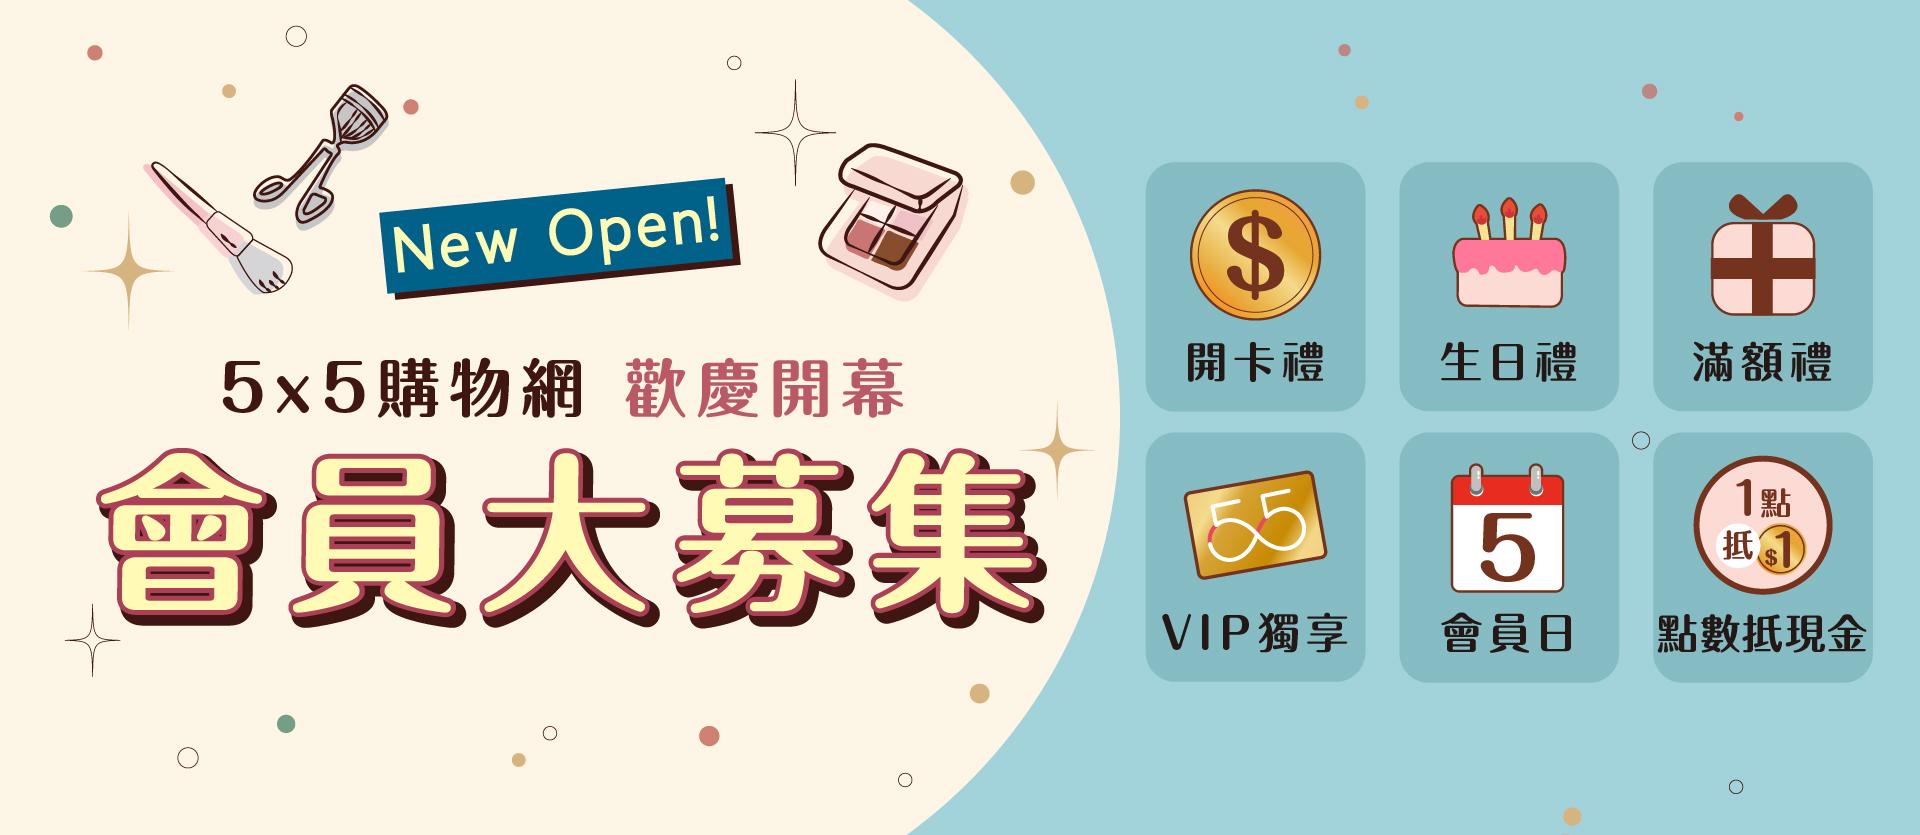 會員好康,購物金,生日禮,滿額禮,VIP獨享,購物折扣,購物優惠